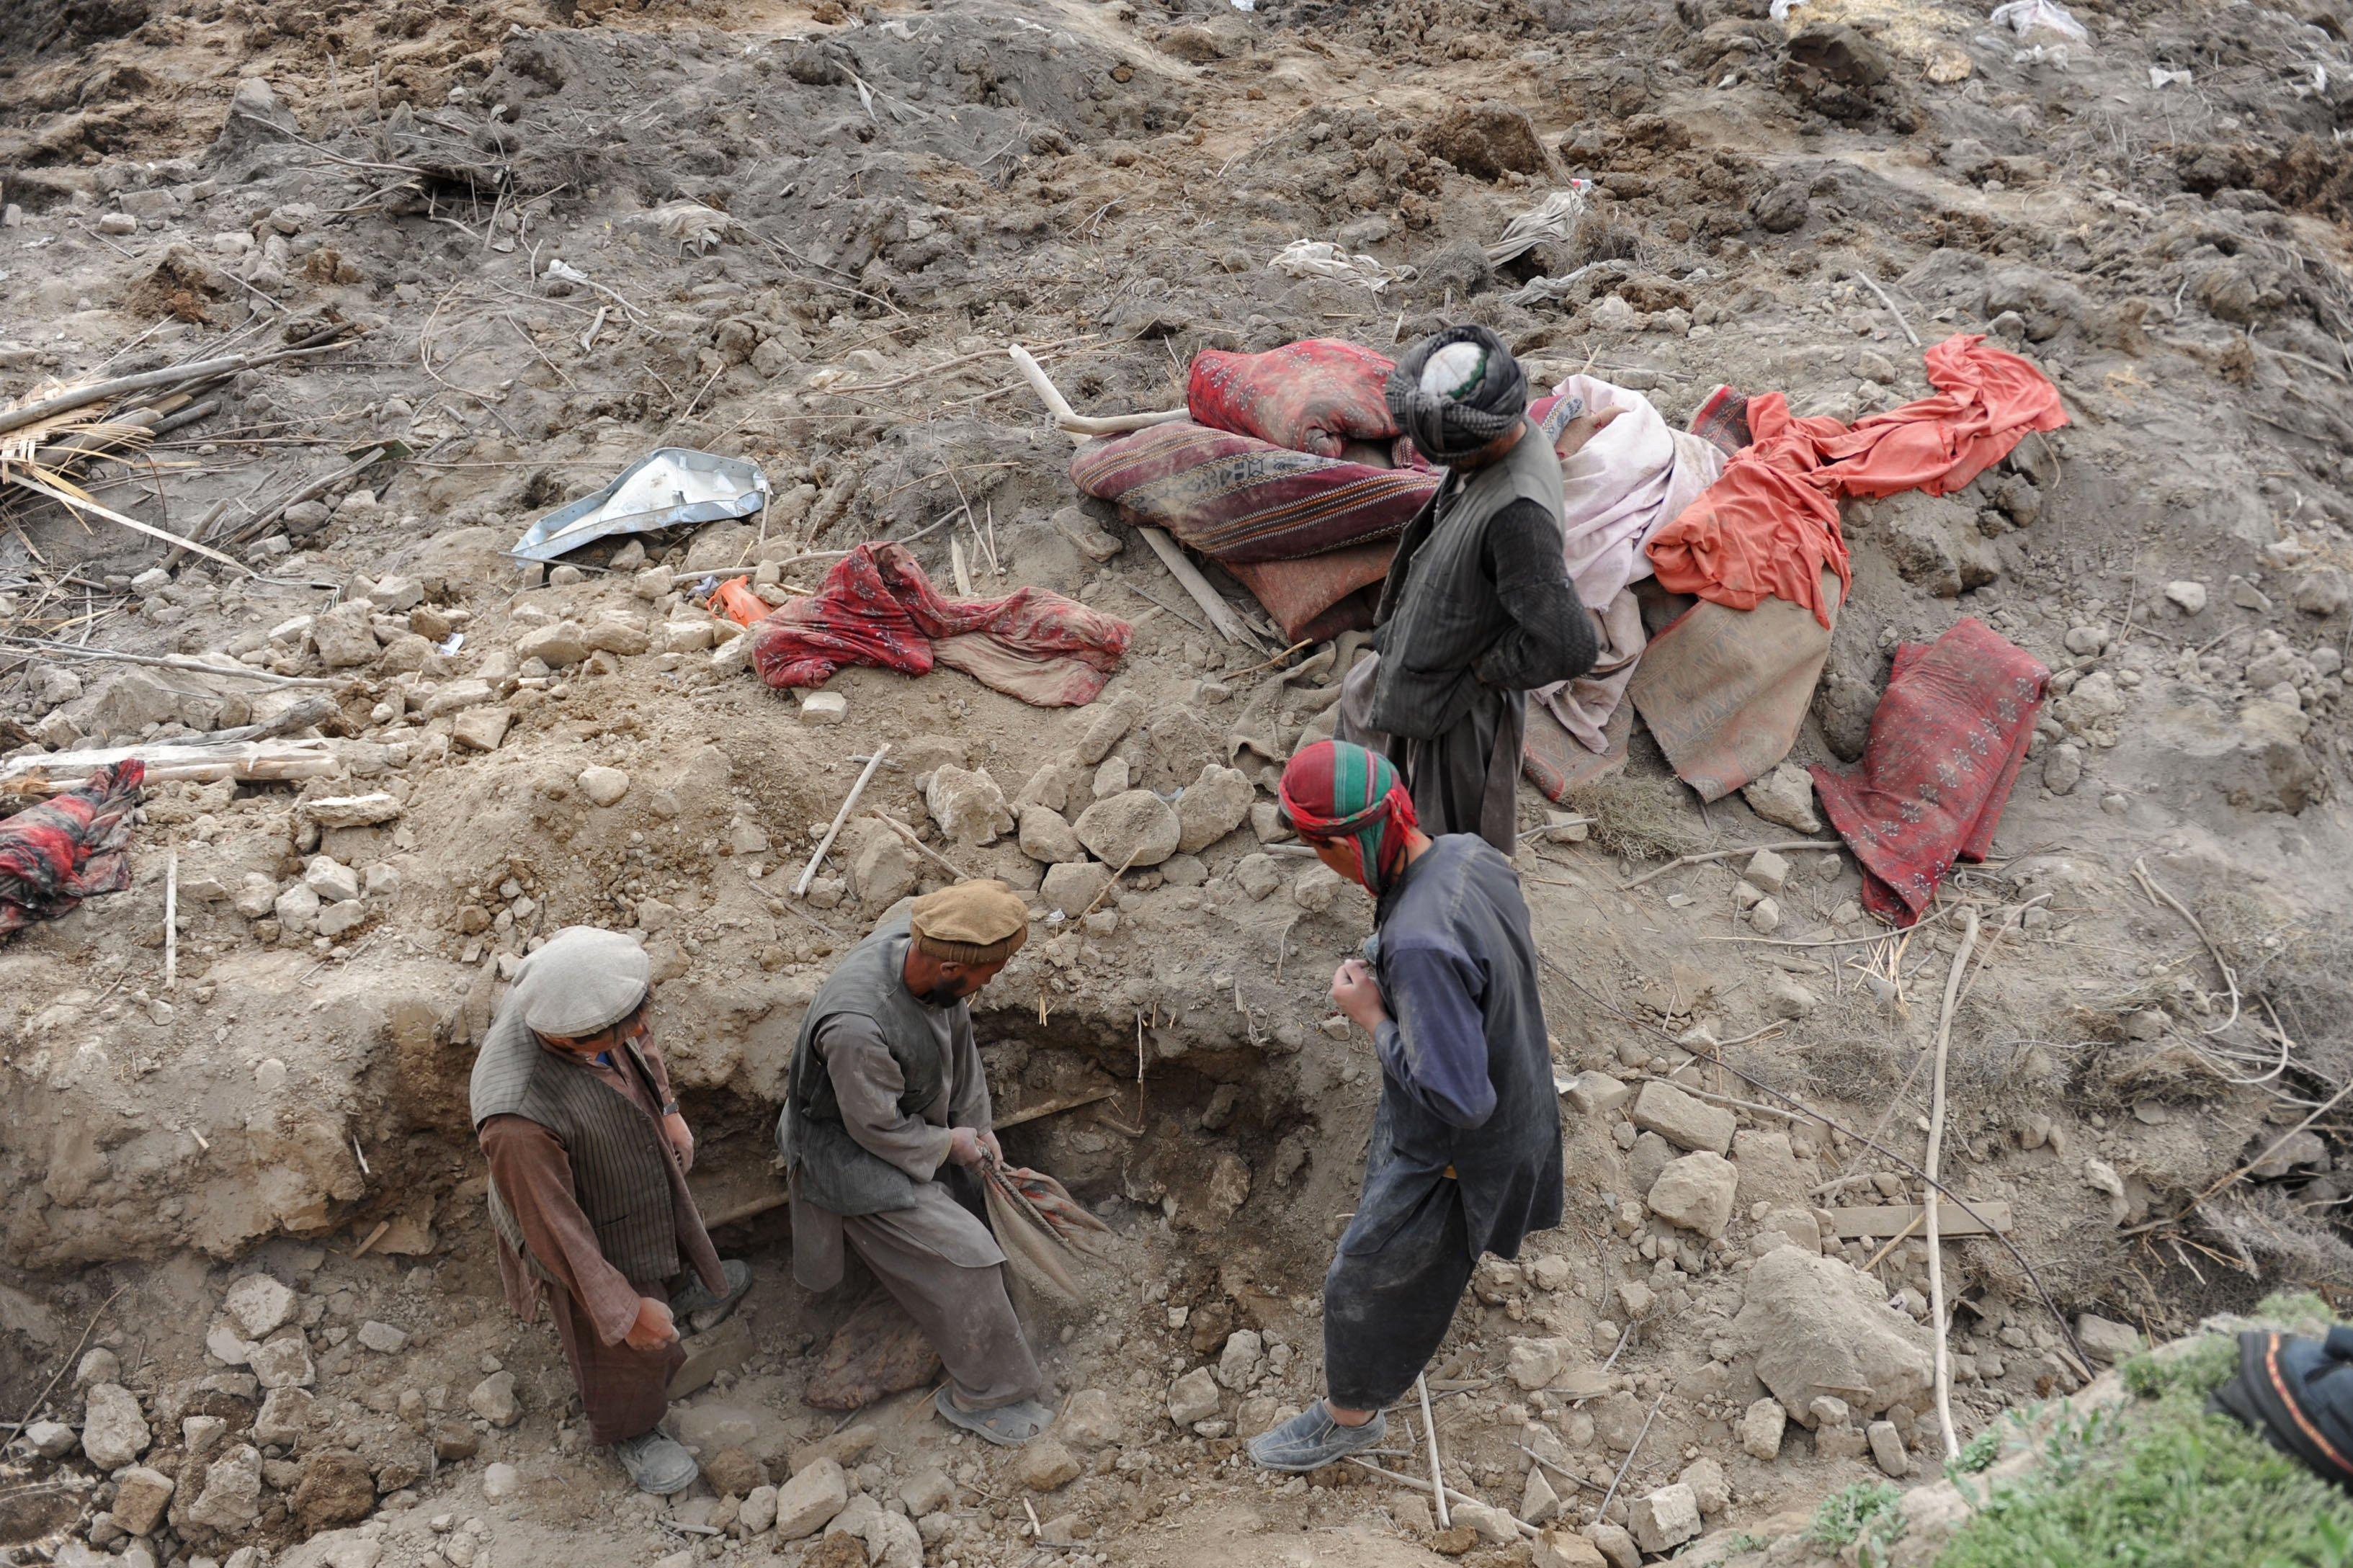 Hiện trường vụ lở đất kinh hoàng ở Afghanistan khiến hơn 2.100 người chết 1